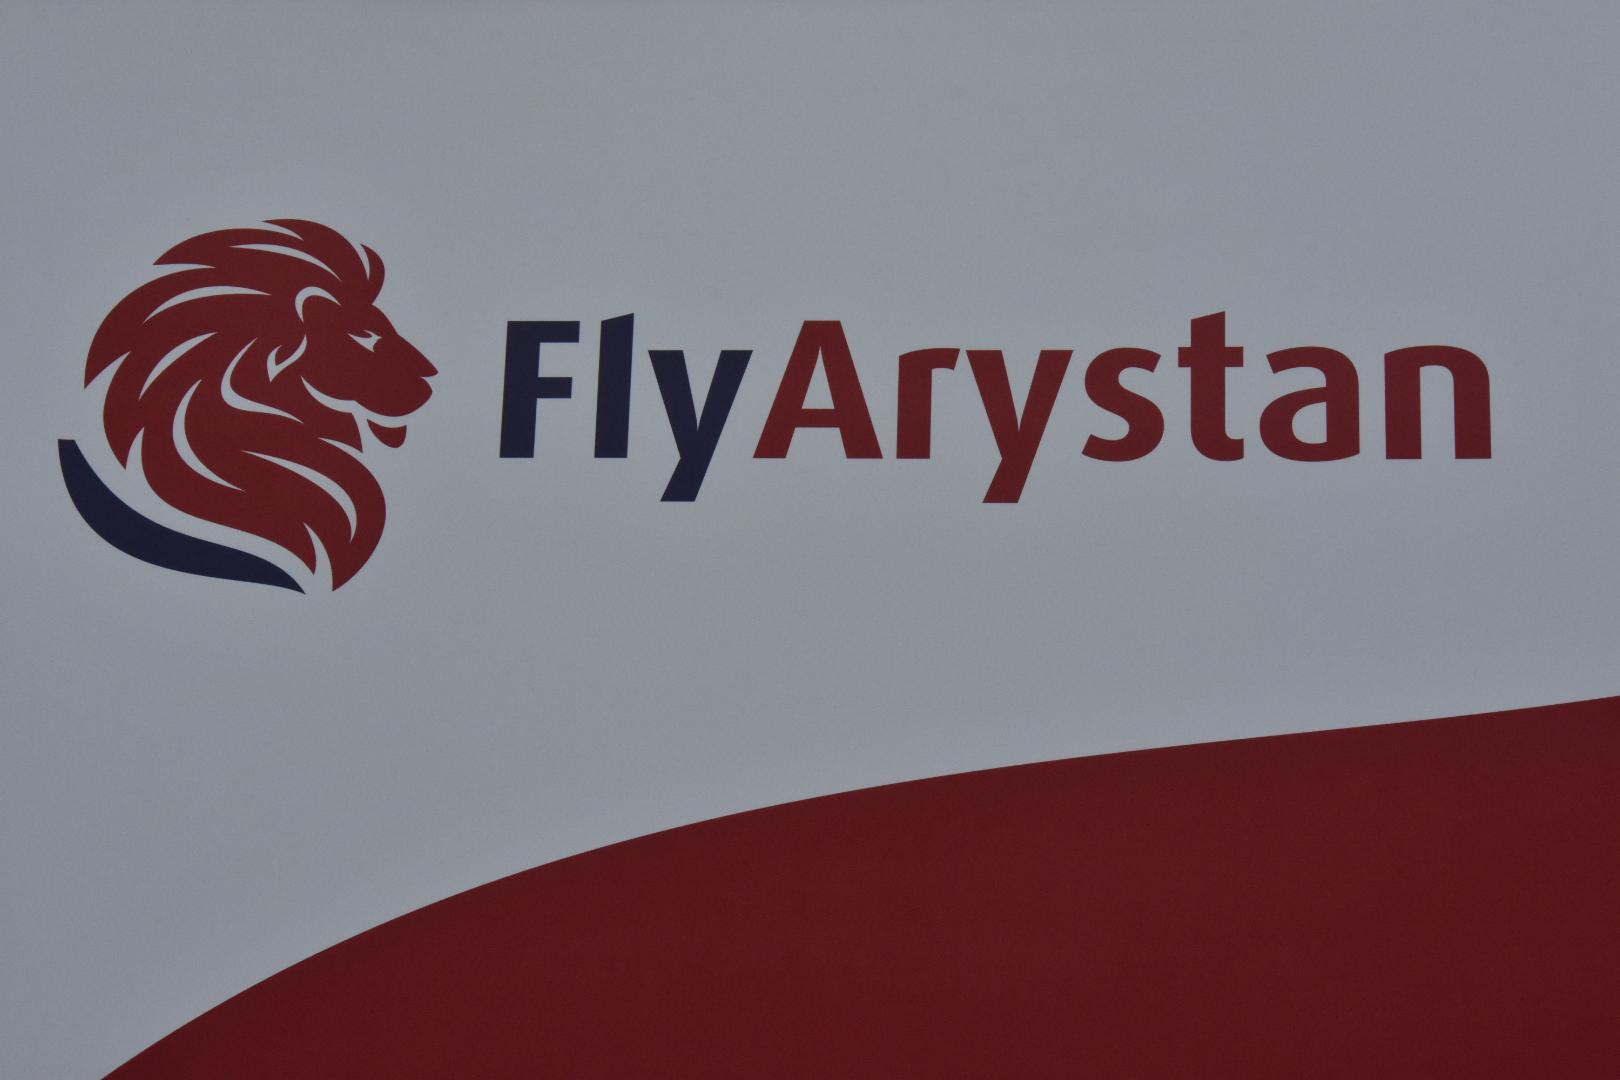 """Цены на билеты FlyArystan будут в два раза дешевле, чем у """"Эйр Астаны"""""""